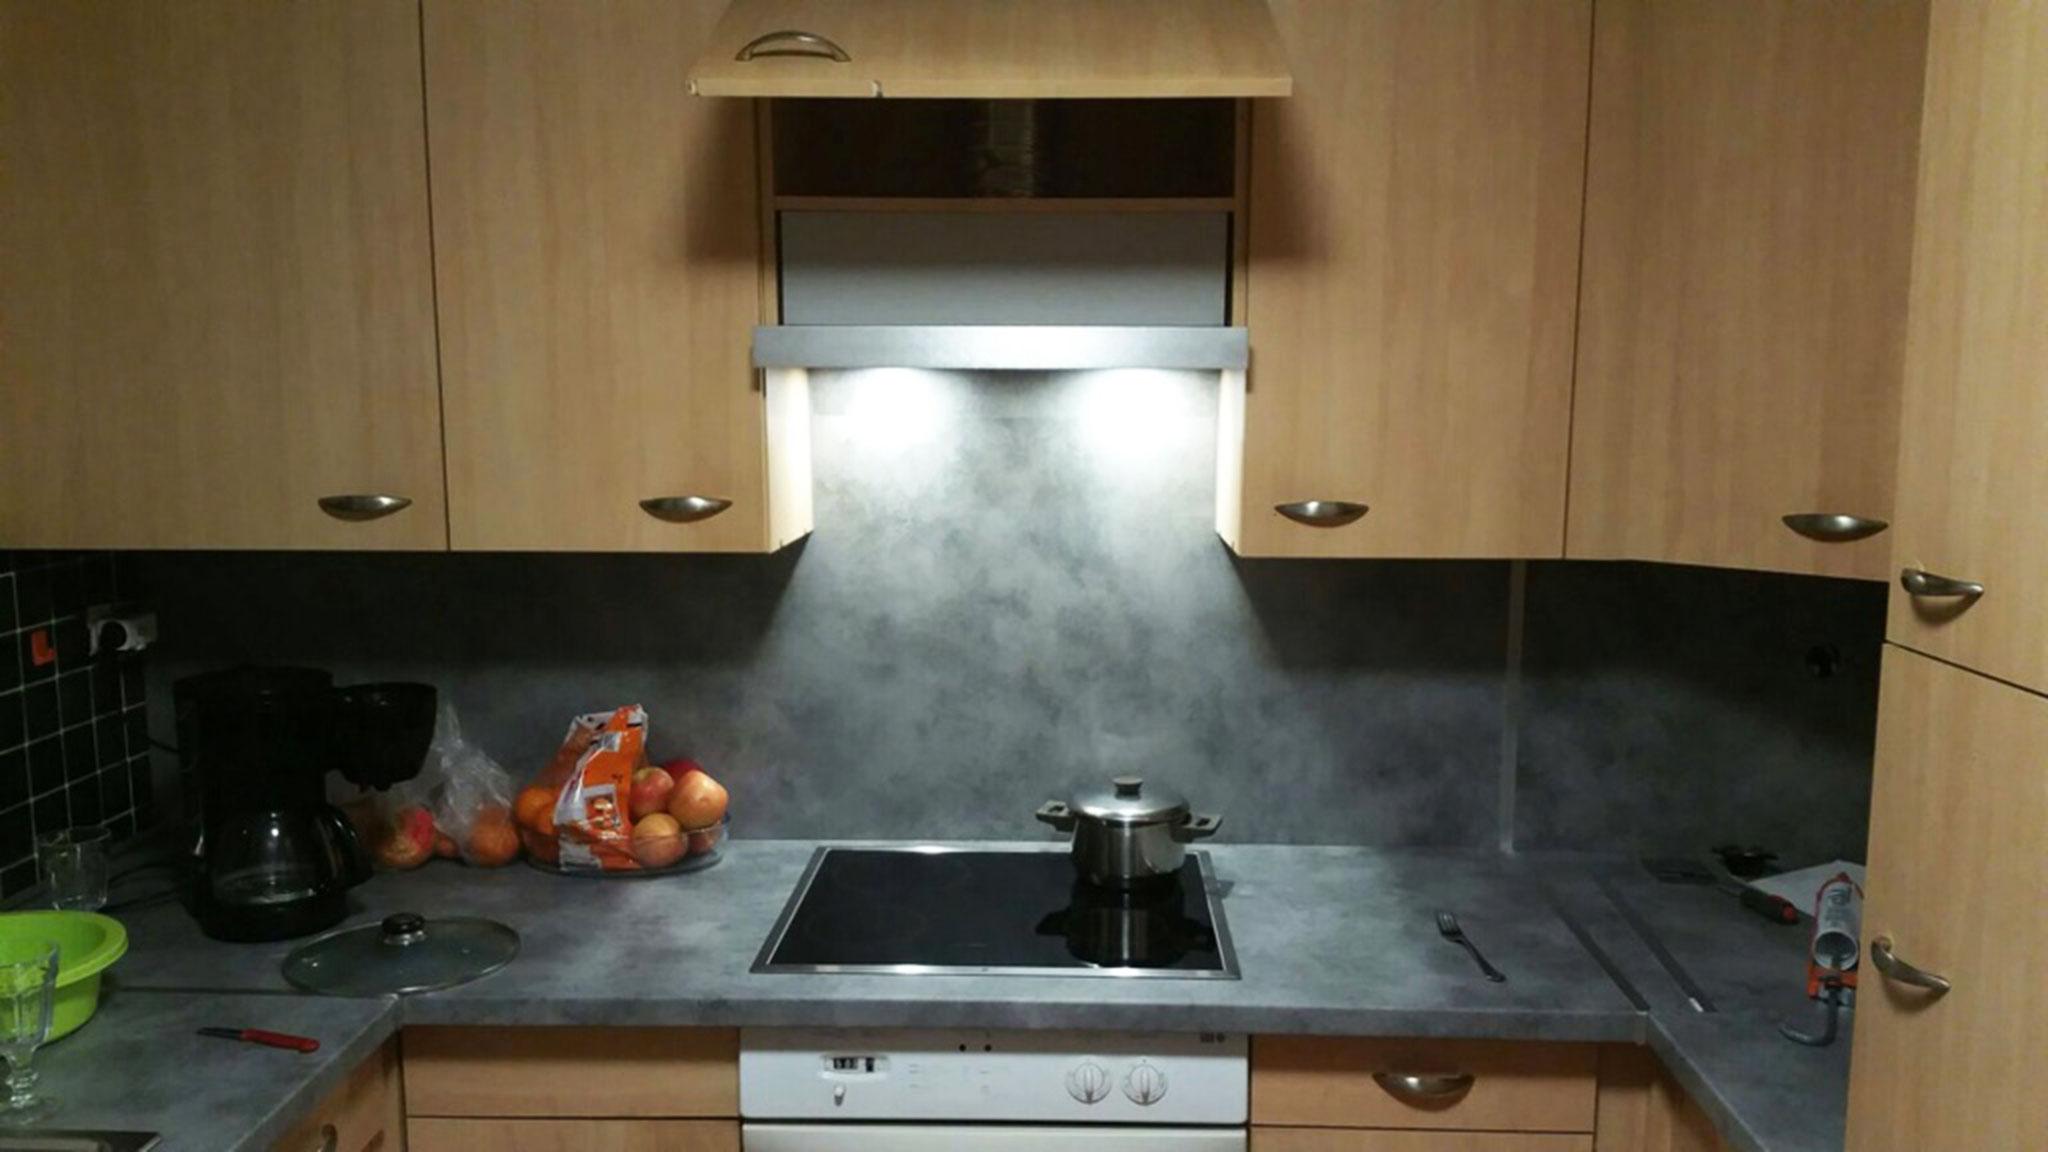 Neue Arbeitsplatte und Rückwand in der Küche